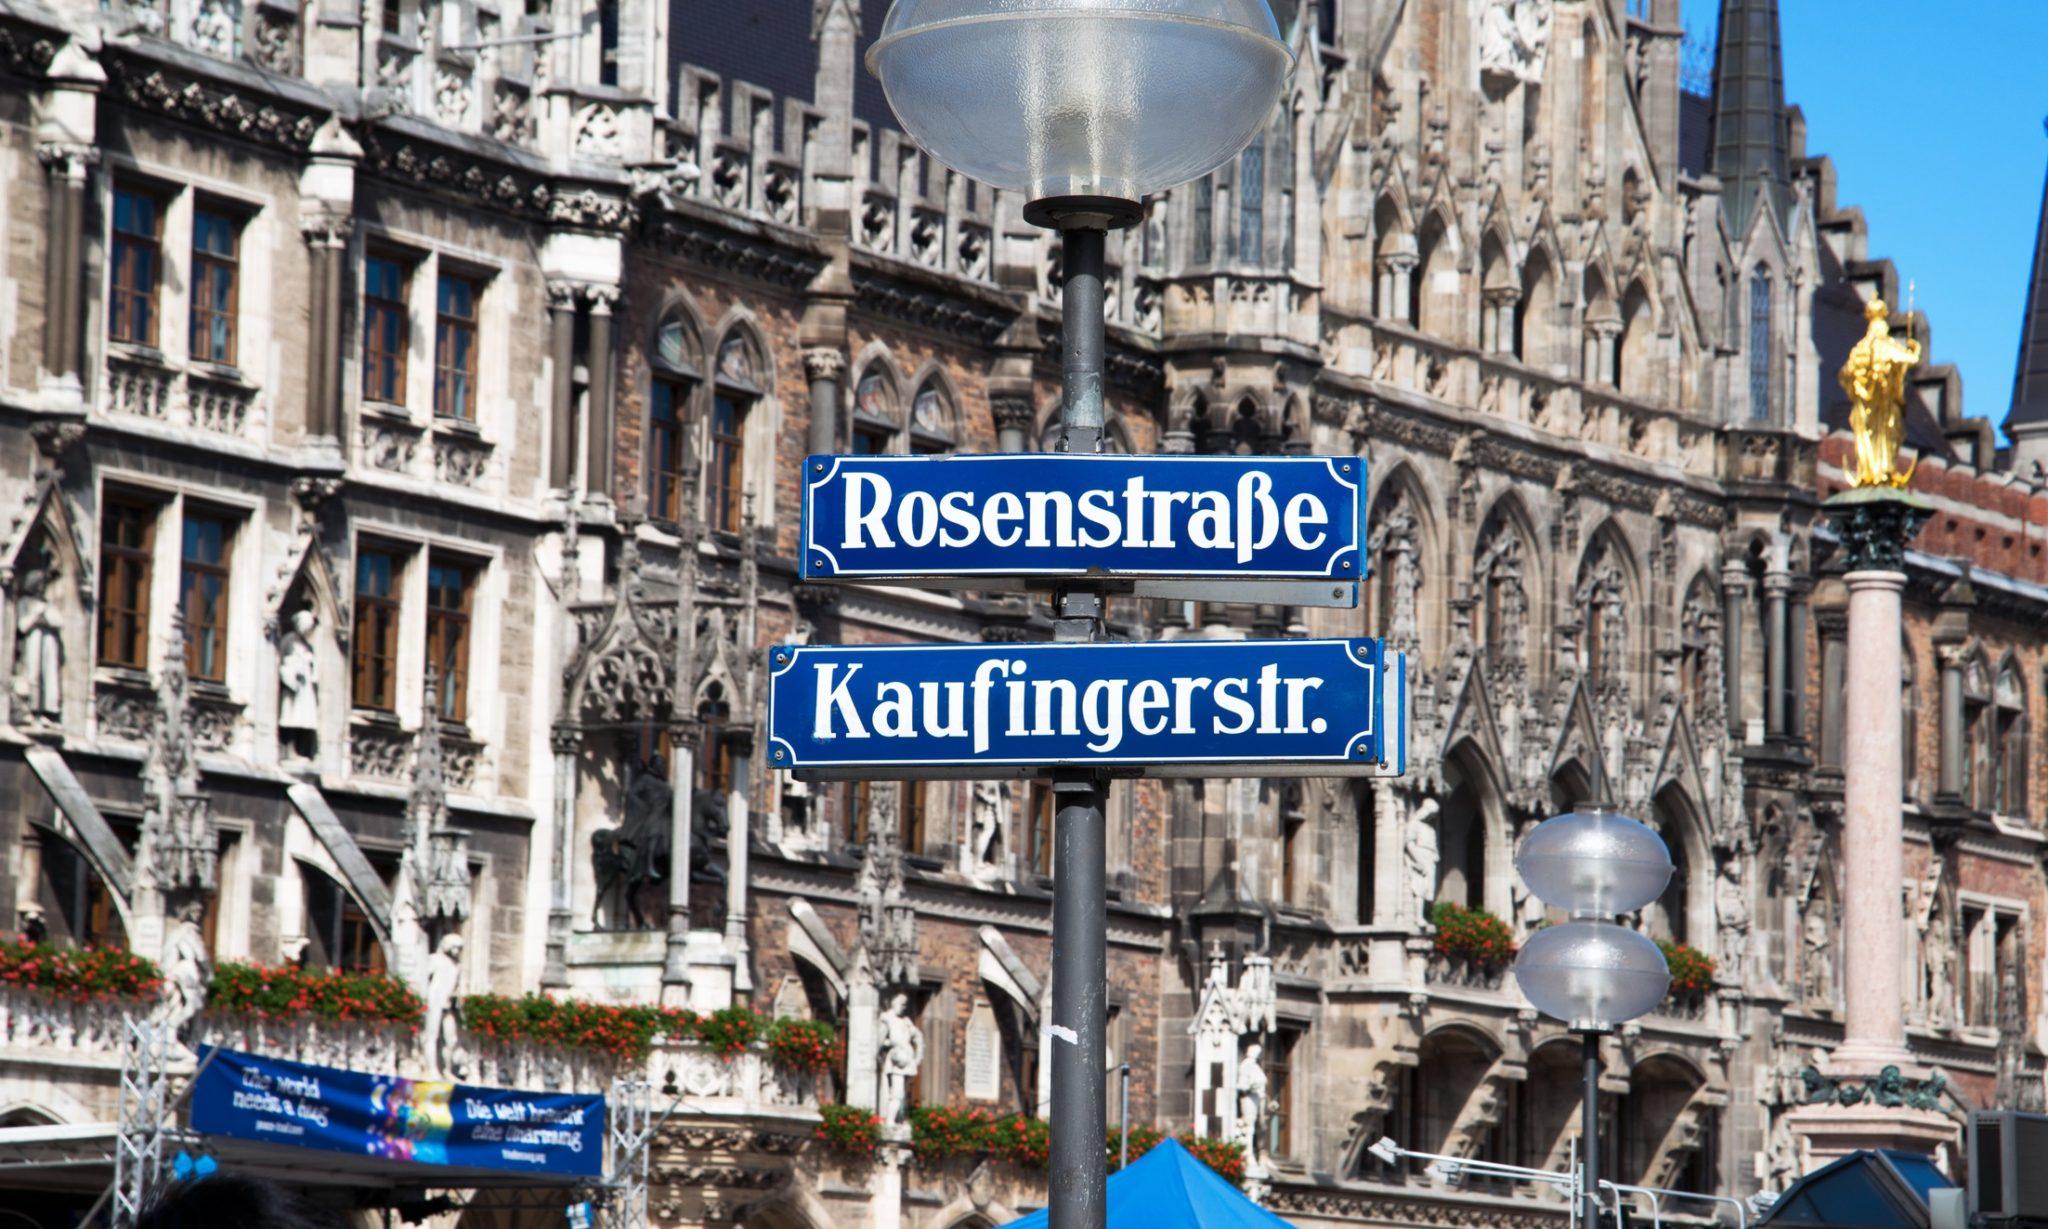 Haushaltsauflösung und Entrümpelung in München Altstadt